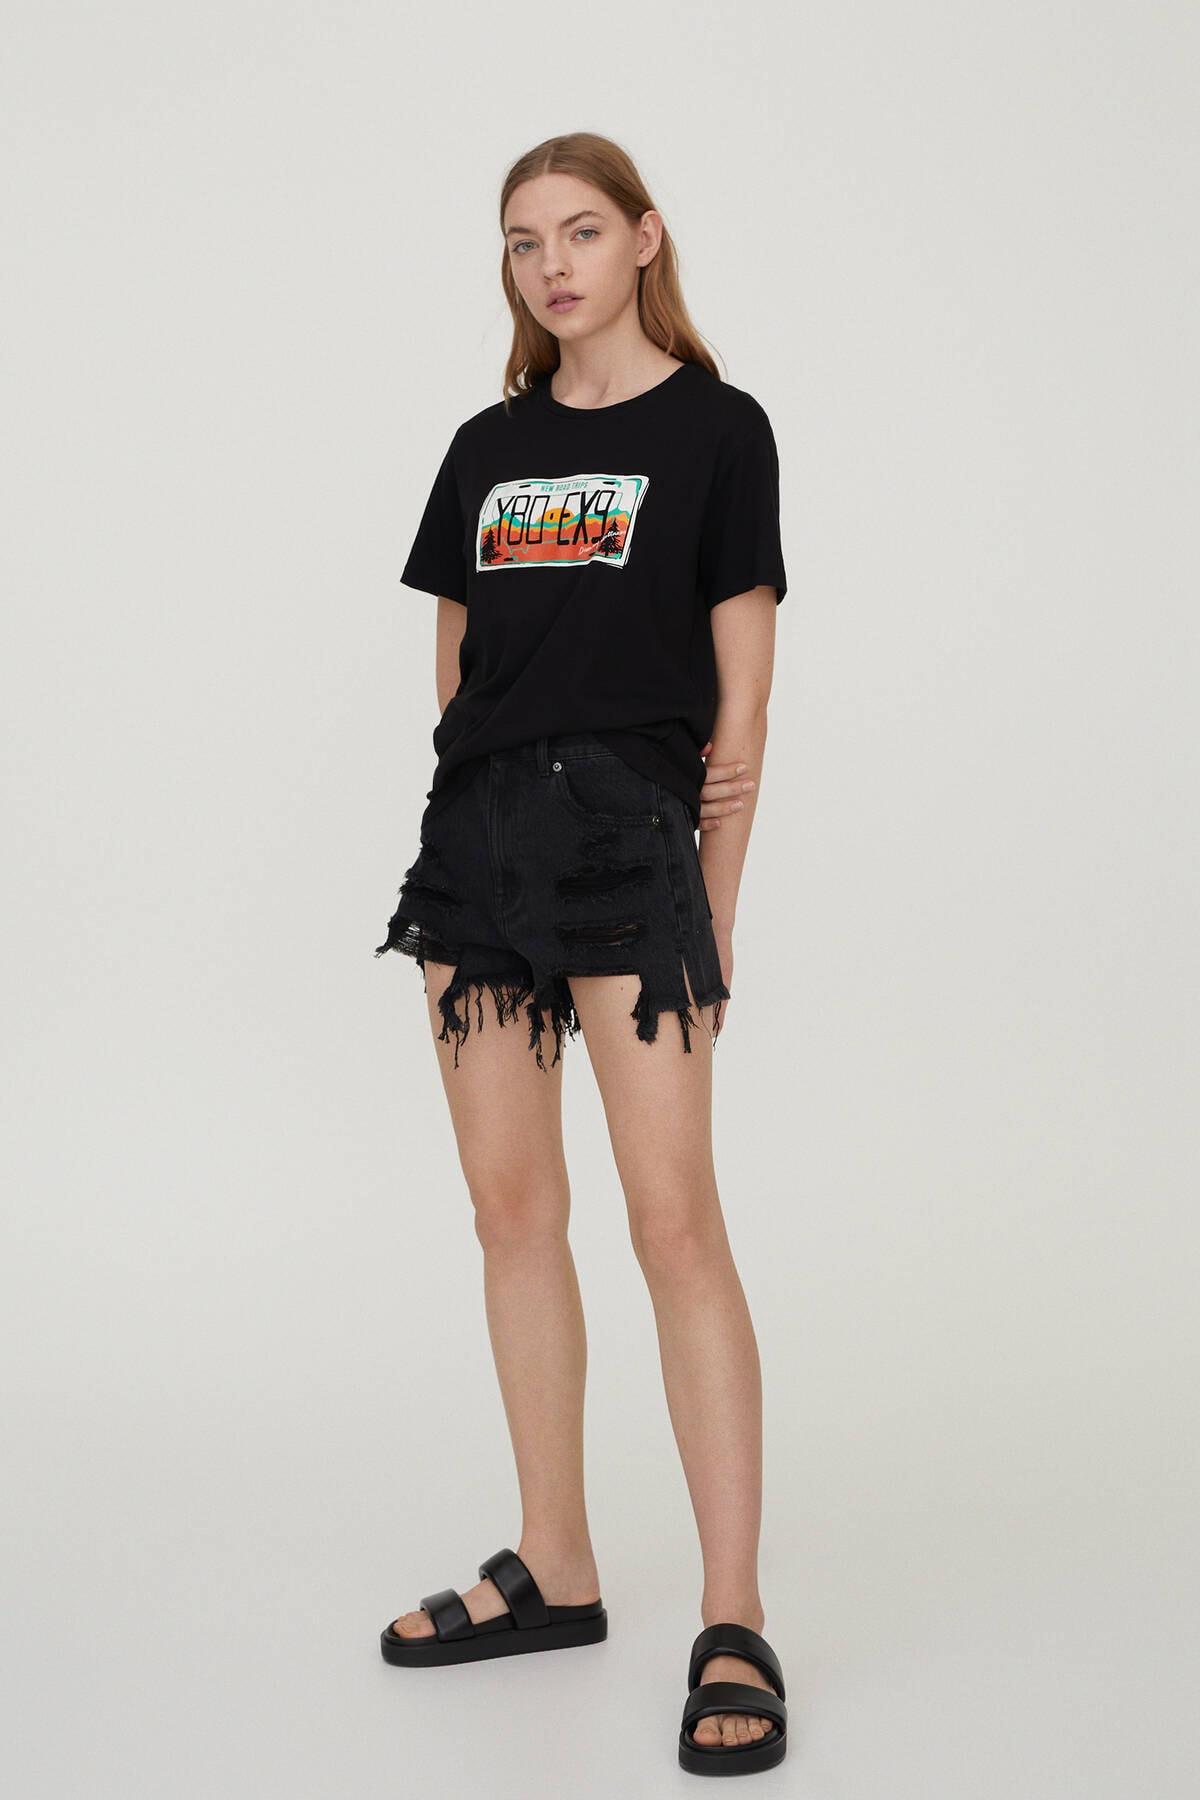 Pull & Bear Kadın Siyah Plaka Görselli T-Shirt 09247392 1